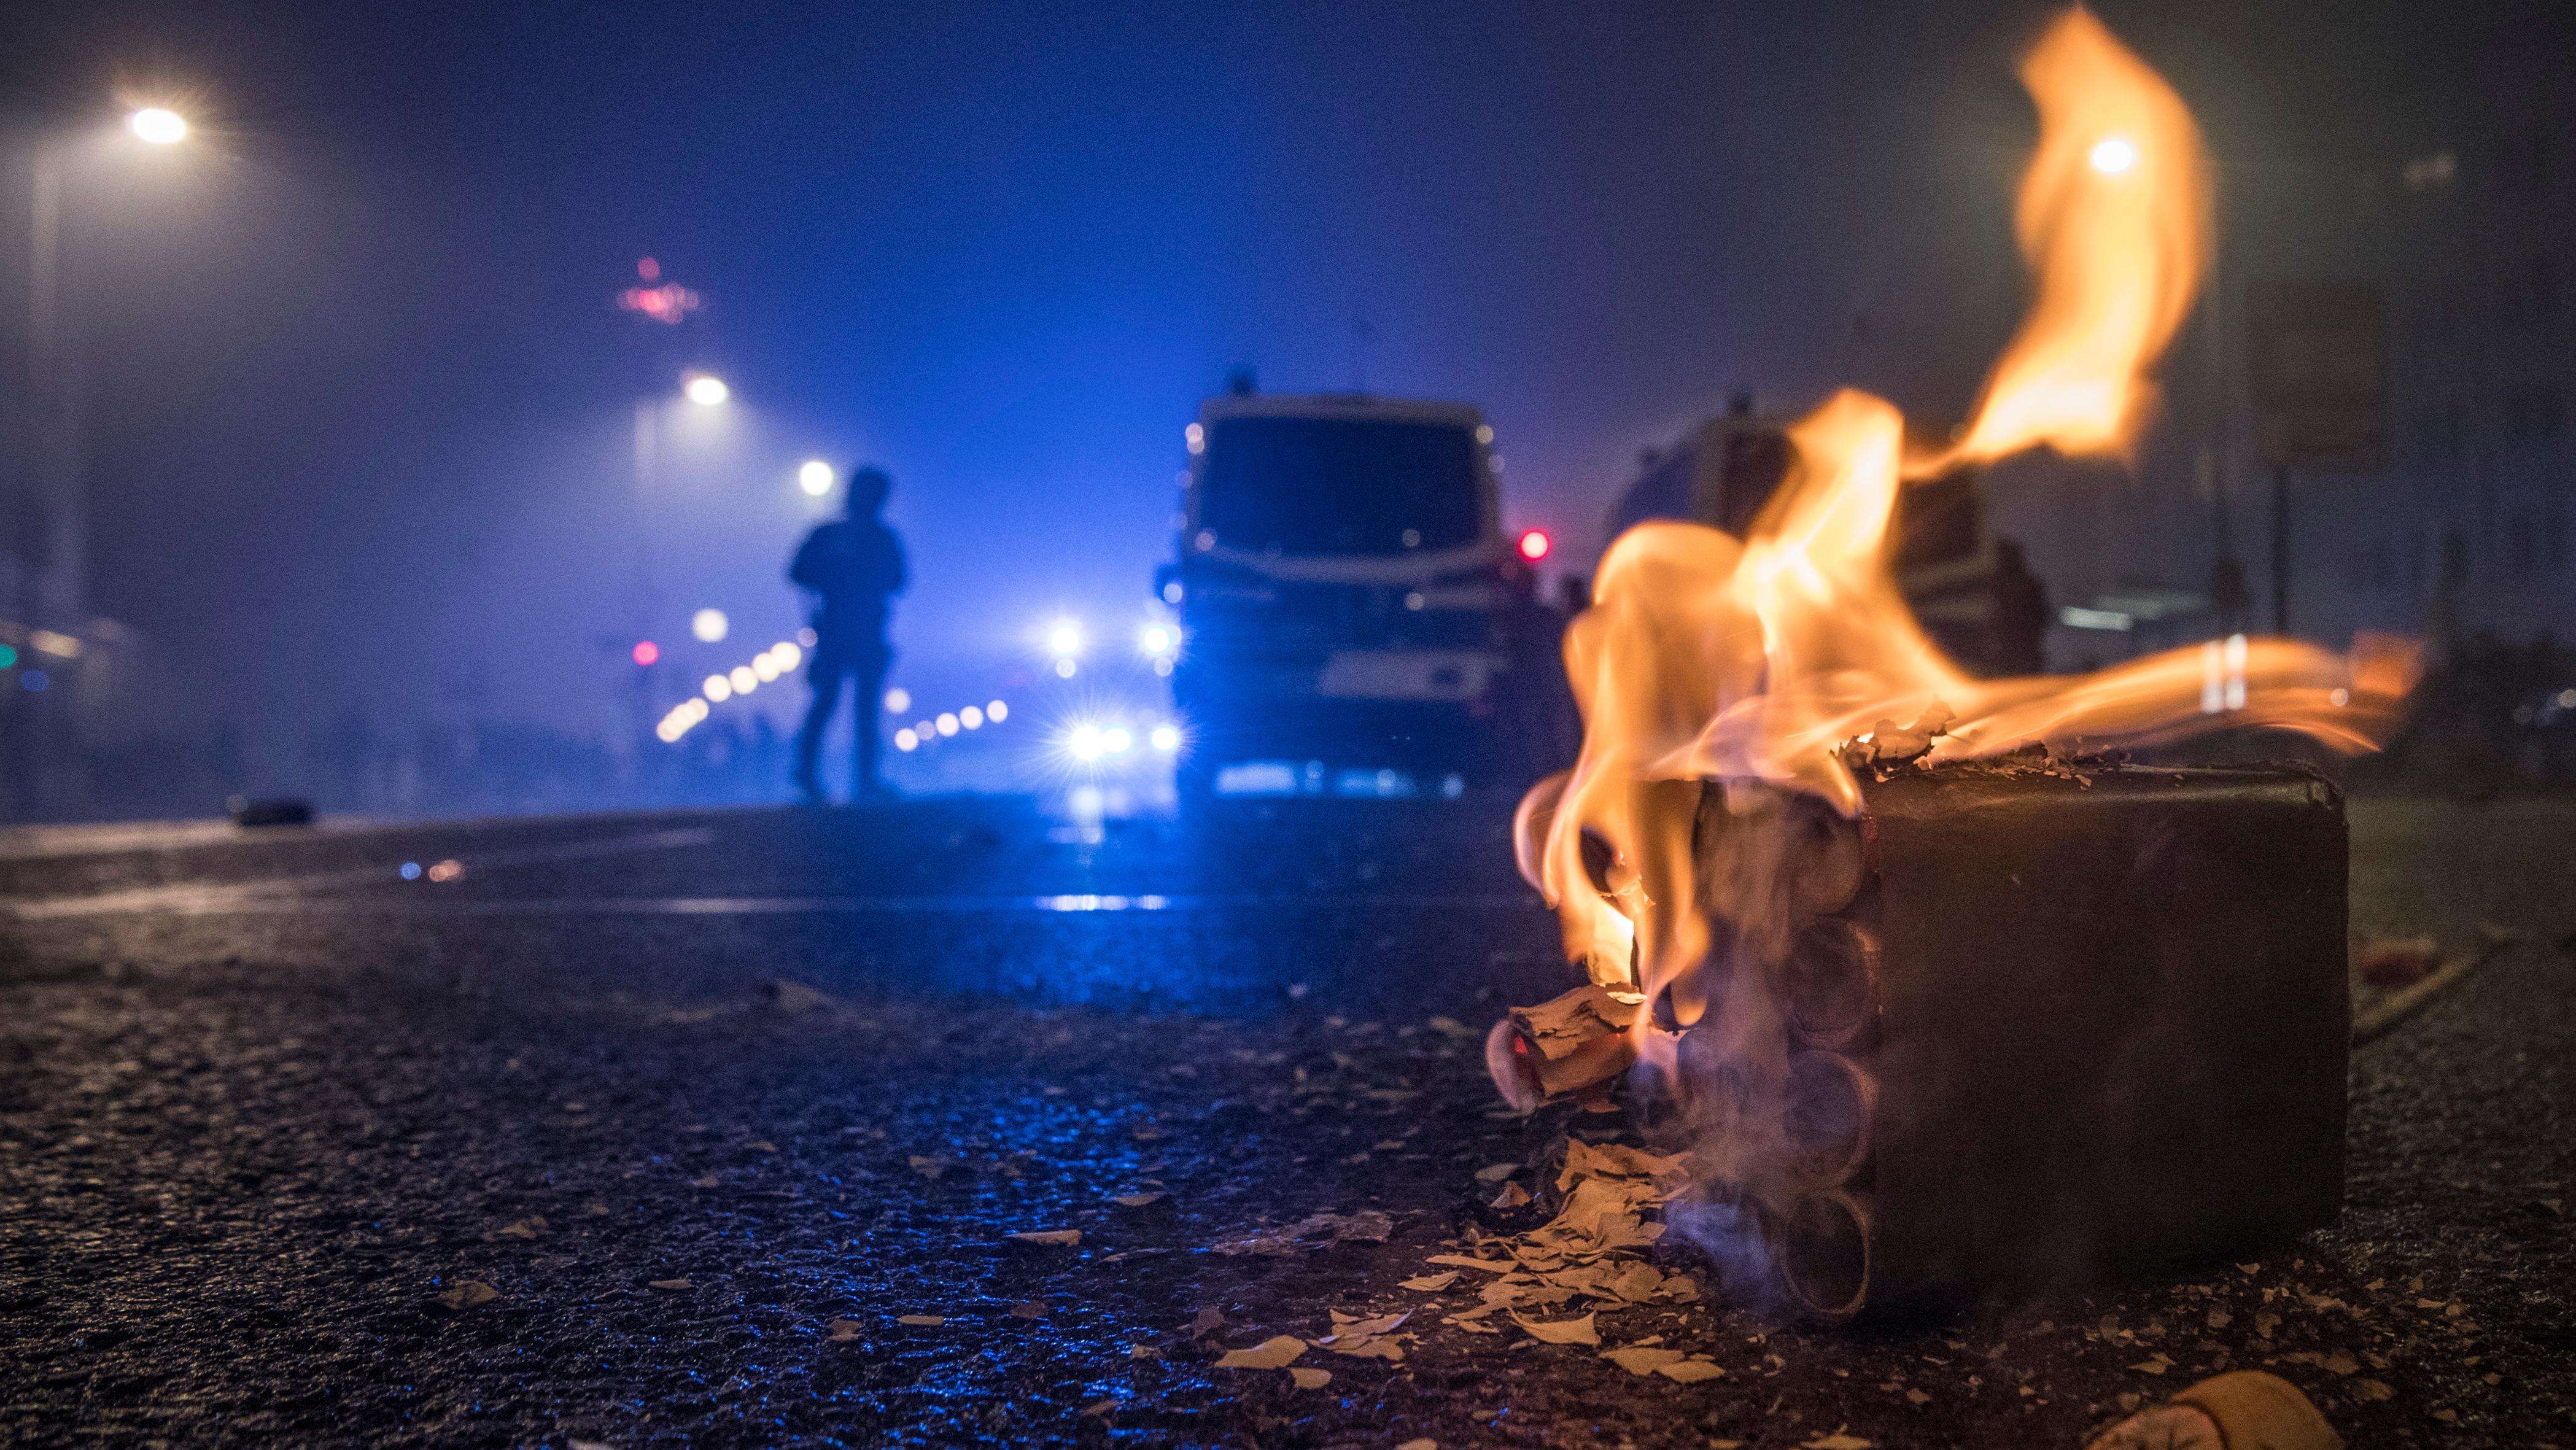 Die Polizei in Niederbayern ist an Silvester zu gut 250 Einsätzen gerufen worden. Es gab viele Ruhestörungen und einige kleinere Brände.